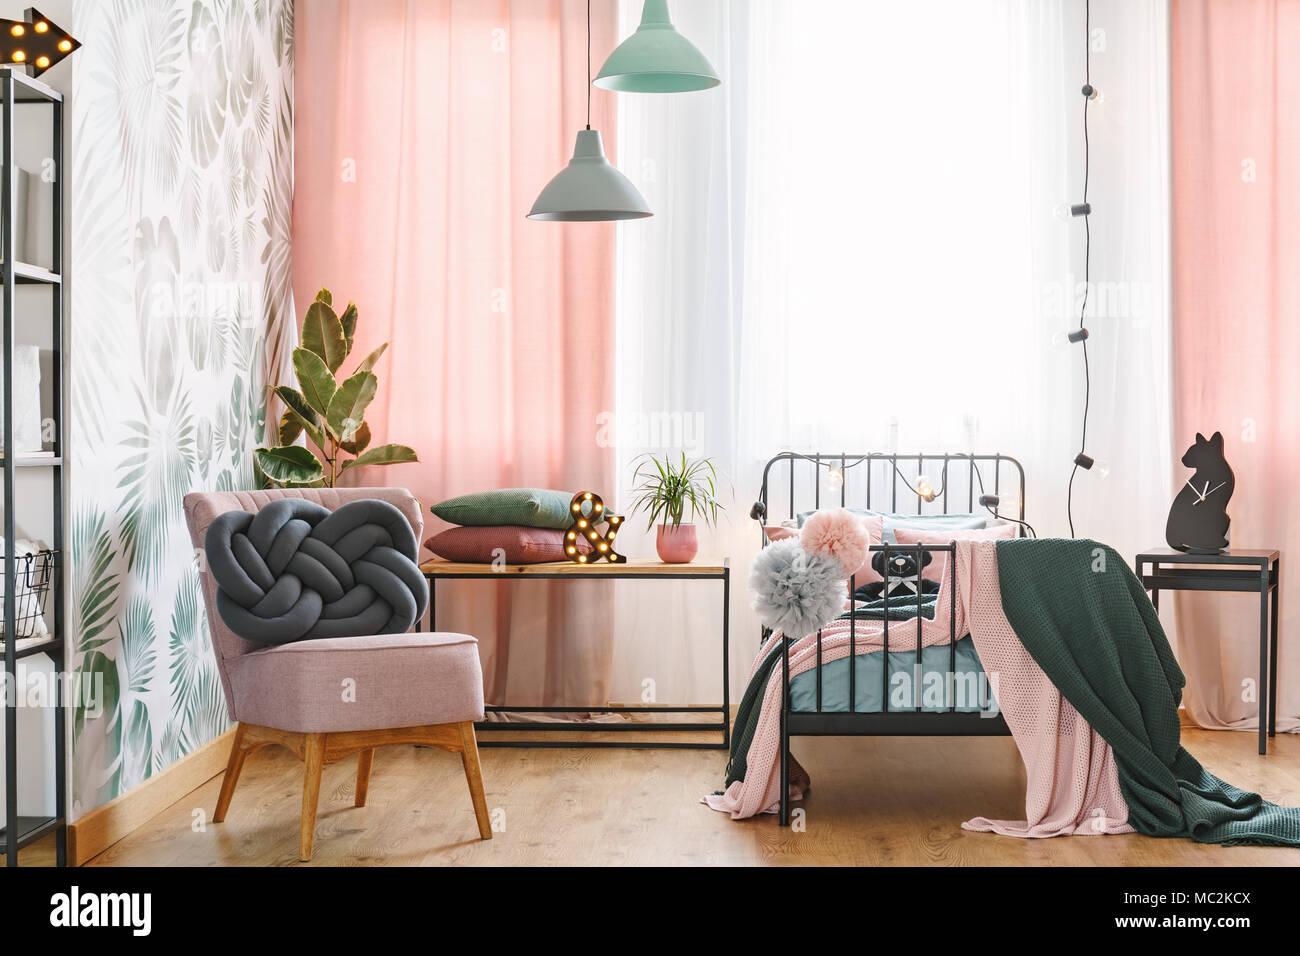 stuhl schlafzimmer coole tapeten f r schlafzimmer ikea kleine ideen poco lattenroste 1 60x2 00. Black Bedroom Furniture Sets. Home Design Ideas